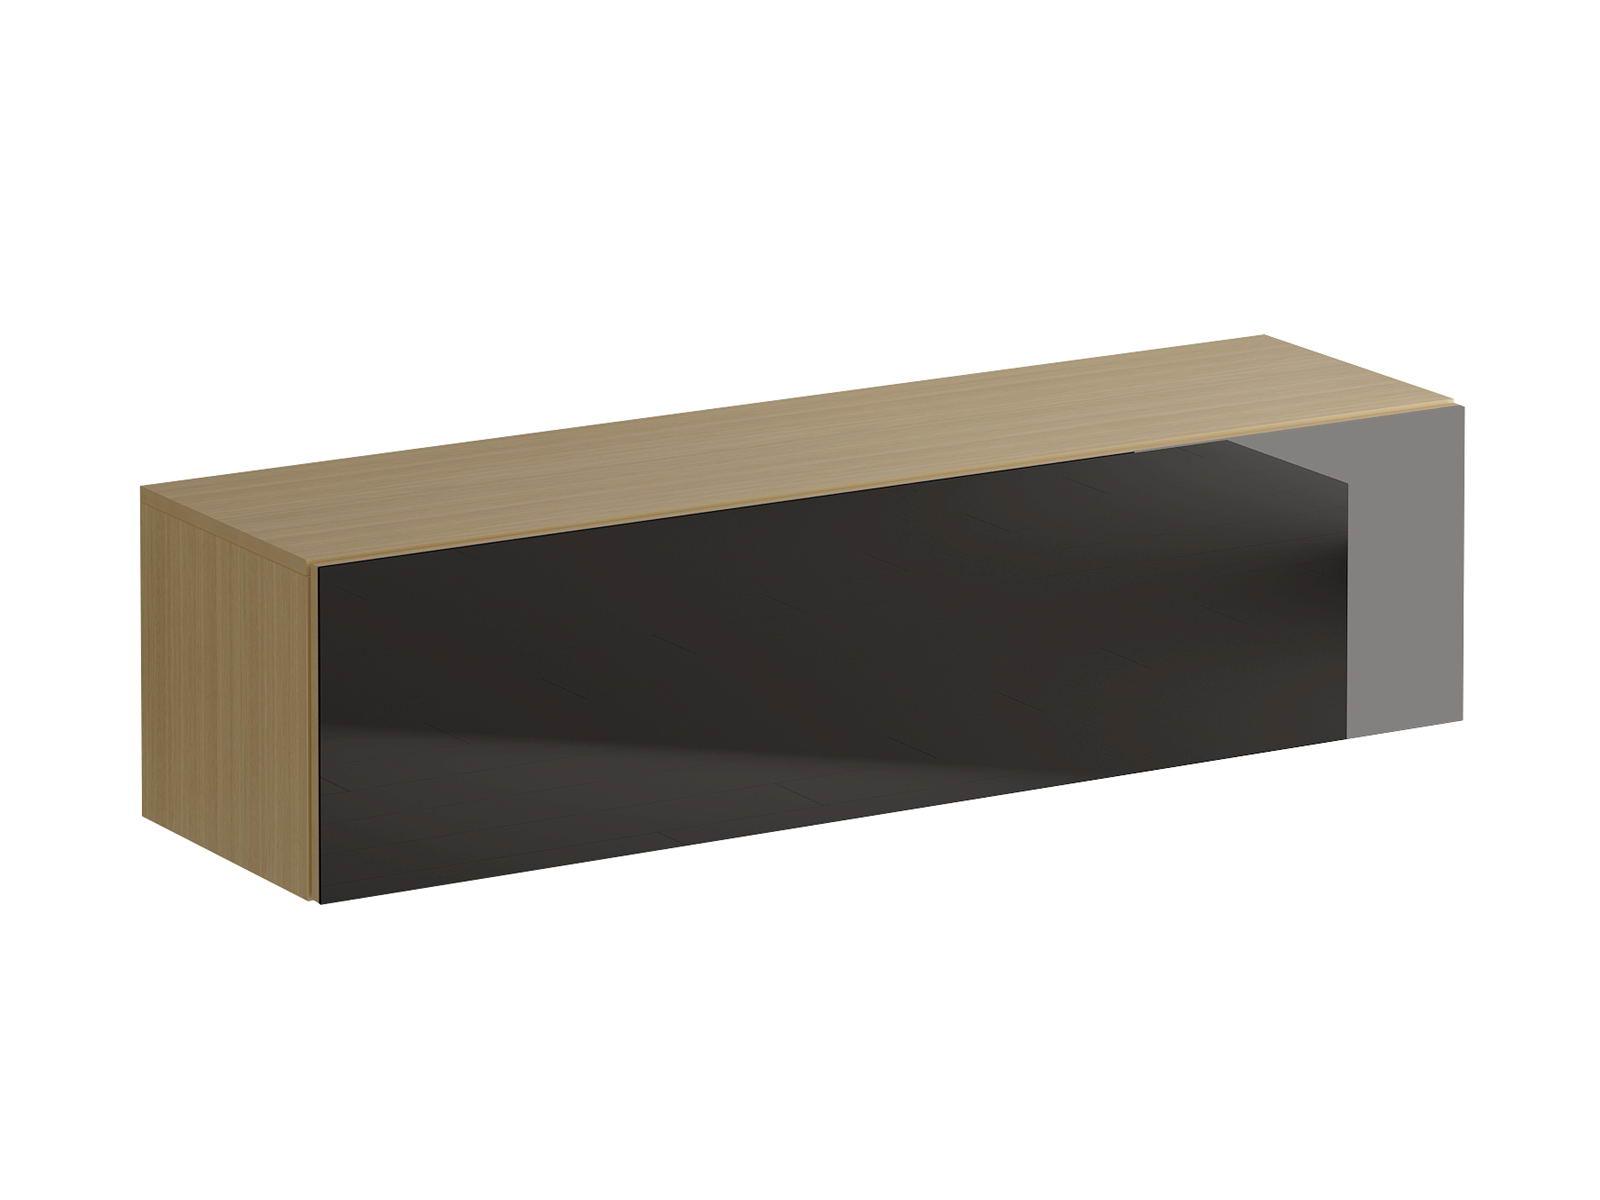 Шкаф для одежды GustoПолки<br>&amp;lt;div&amp;gt;Шкаф имеет два отделения, образованные вертикальной перегородкой. Подъемная дверь открывается по принципу «нажал-открыл». Задняя стенка белого цвета.&amp;lt;/div&amp;gt;&amp;lt;div&amp;gt;&amp;lt;br&amp;gt;&amp;lt;/div&amp;gt;&amp;lt;div&amp;gt;Материалы:&amp;lt;/div&amp;gt;&amp;lt;div&amp;gt;Корпус и фасад: ЛДСП 16 мм.&amp;lt;/div&amp;gt;&amp;lt;div&amp;gt;Задняя стенка: ДВПО 3 мм.&amp;lt;/div&amp;gt;&amp;lt;div&amp;gt;Стекло на фасадах: полированное толщиной 4мм, окрашенное эмалью.&amp;lt;/div&amp;gt;<br><br>Material: ДСП<br>Ширина см: 136<br>Высота см: 34<br>Глубина см: 38